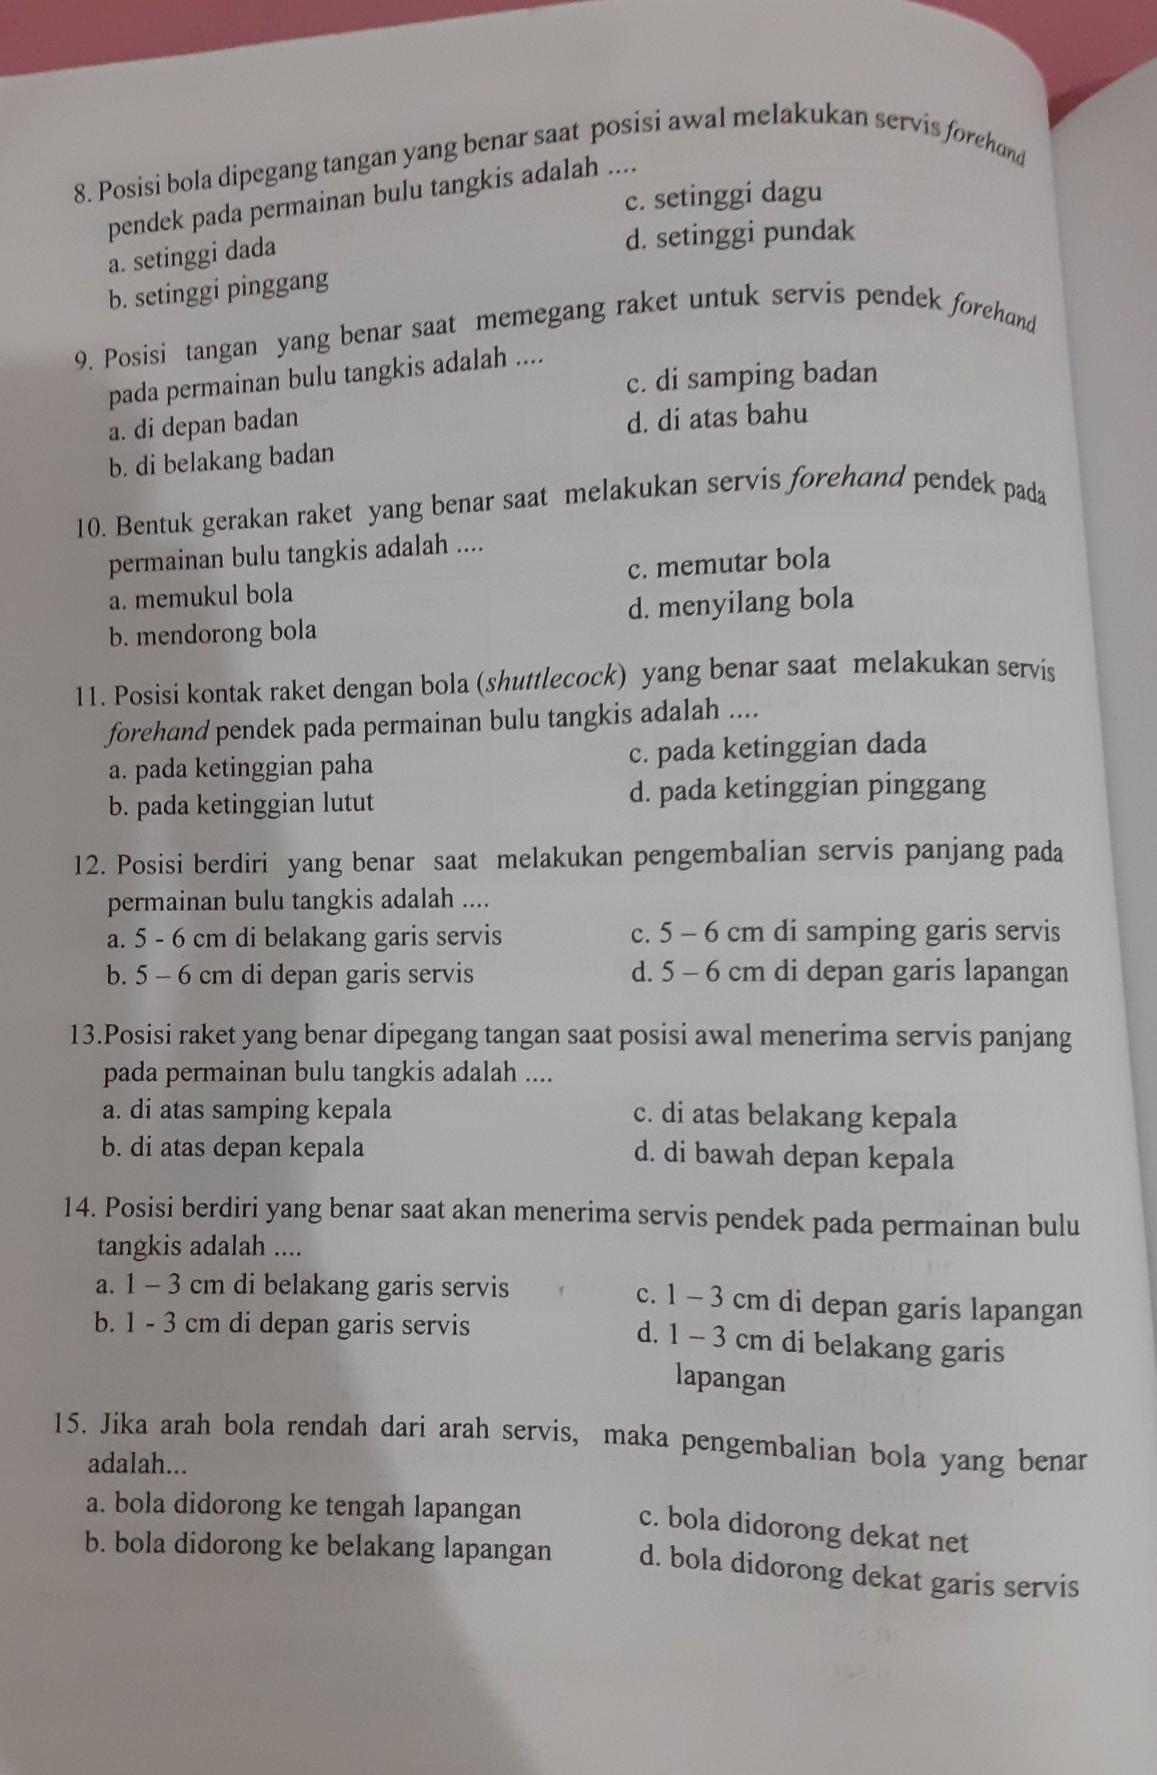 Jawaban Buku Paket Pjok Kelas 8 Halaman 124 Brainly Co Id